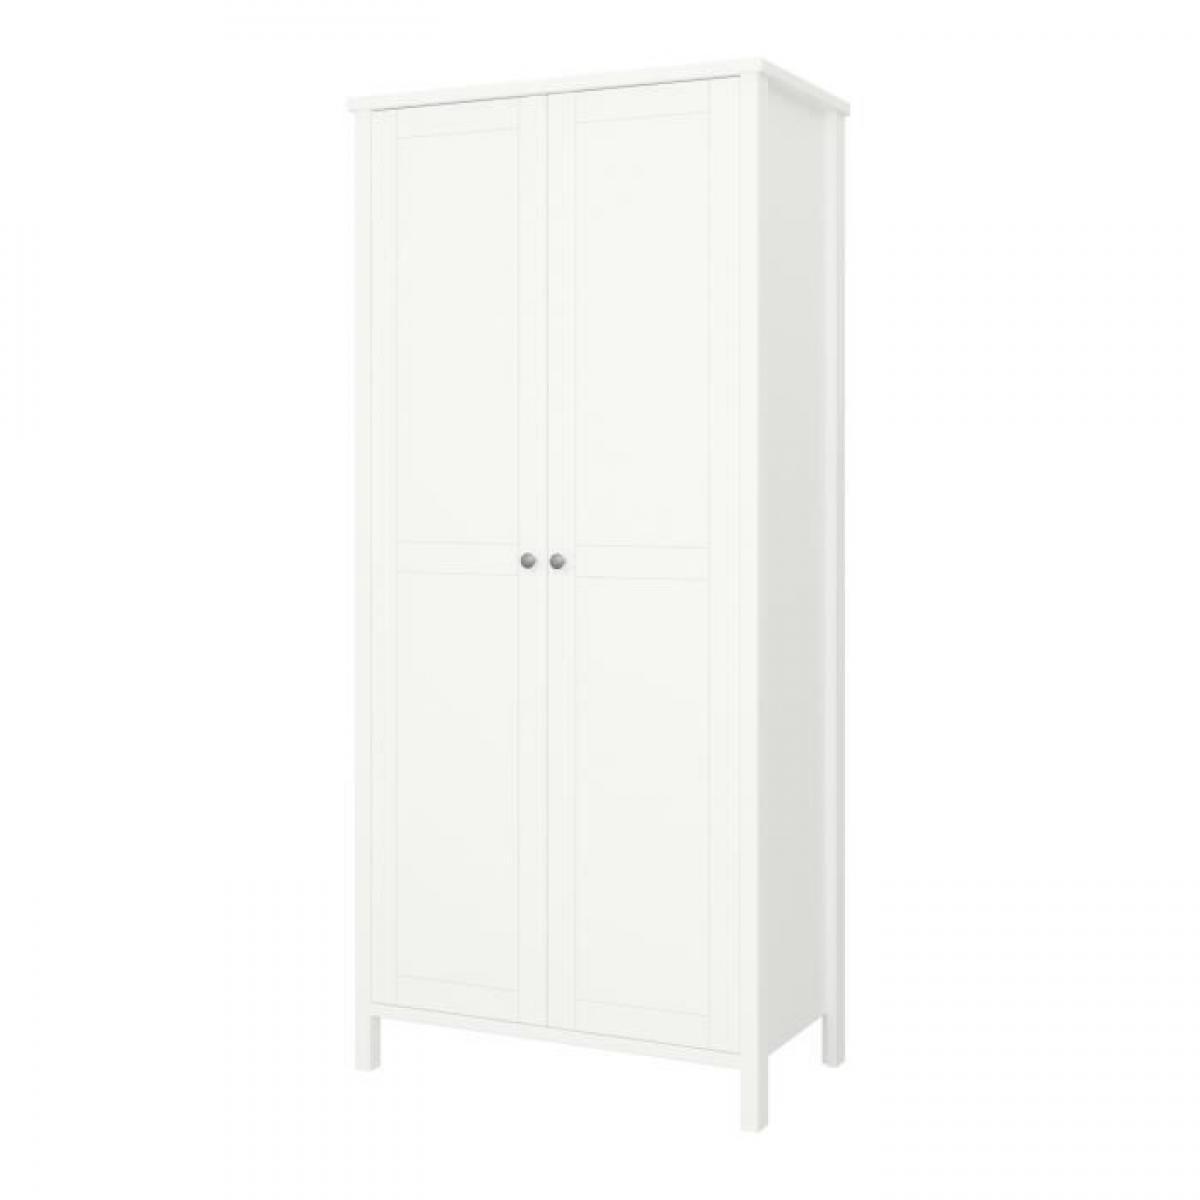 Cstore TROMSÖ Armoire 2 portes - Laqué blanc MDF